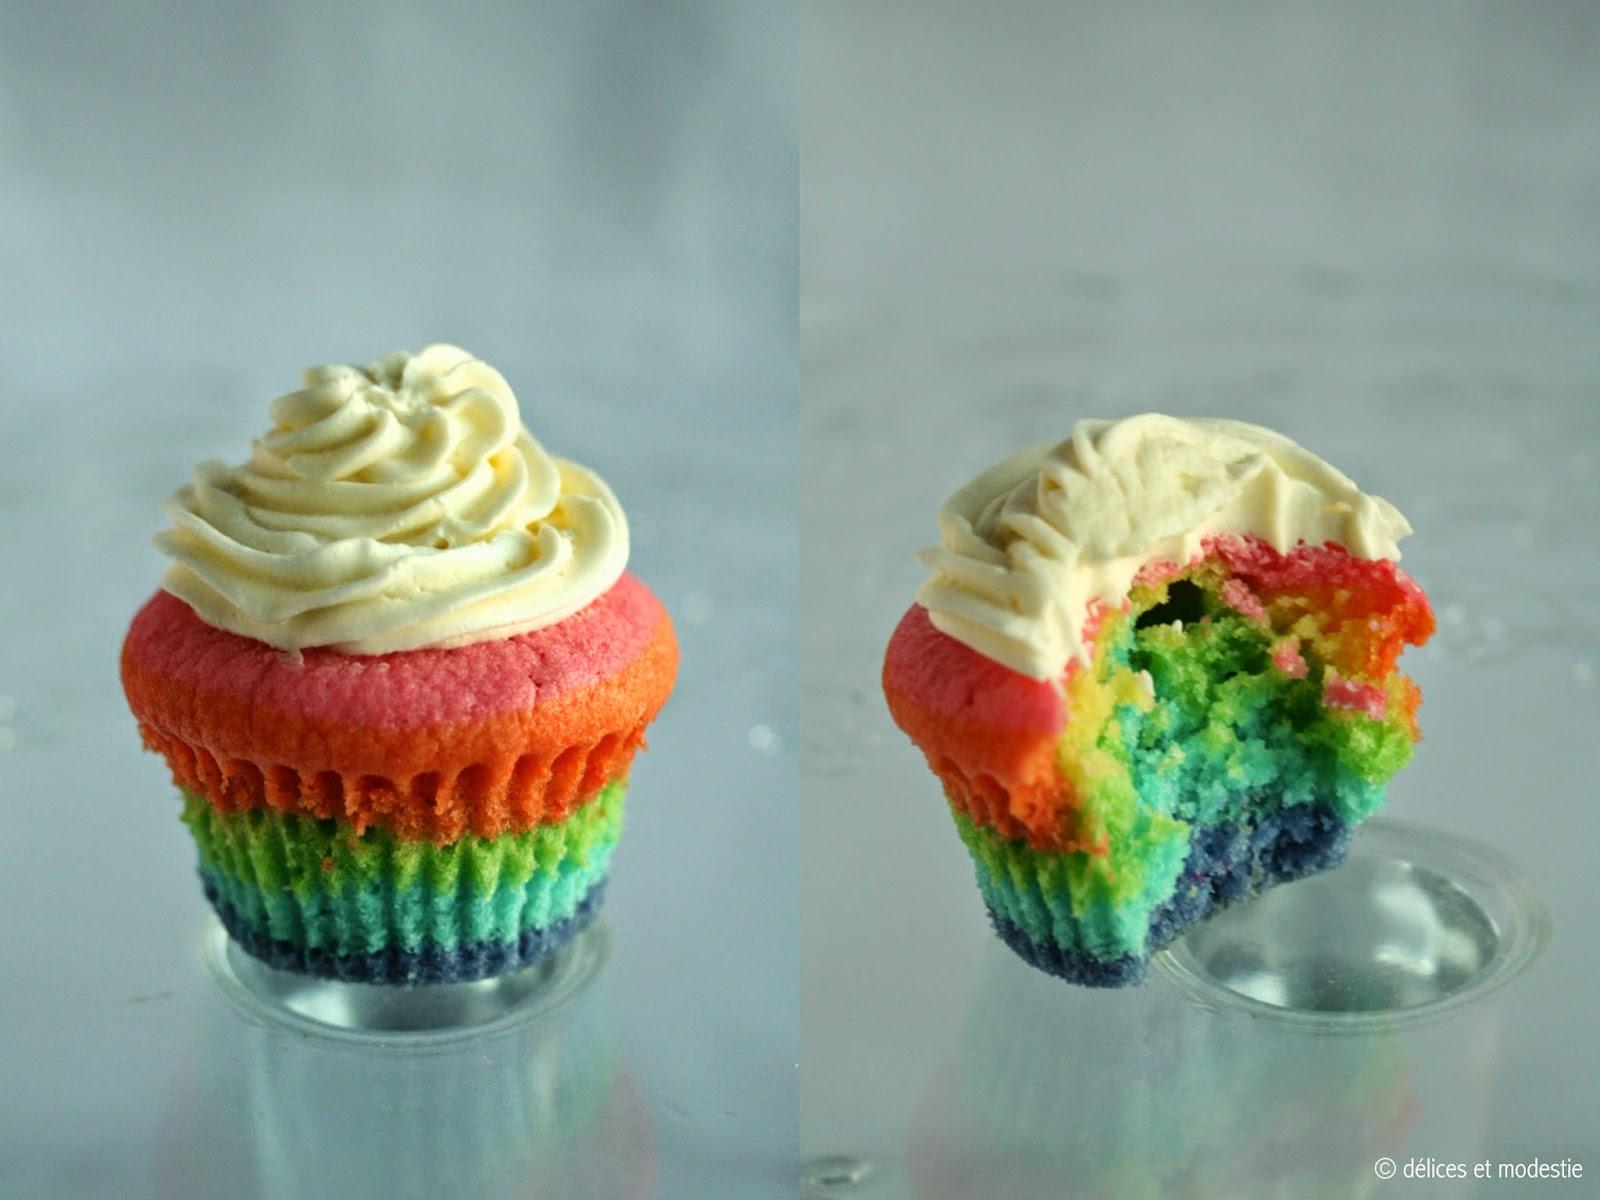 le colorant en gel est aussi plus puissant que le colorant alimentaire liquide cest dire quil en faut moins pour obtenir une couleur vive - Cupcake Colorant Alimentaire